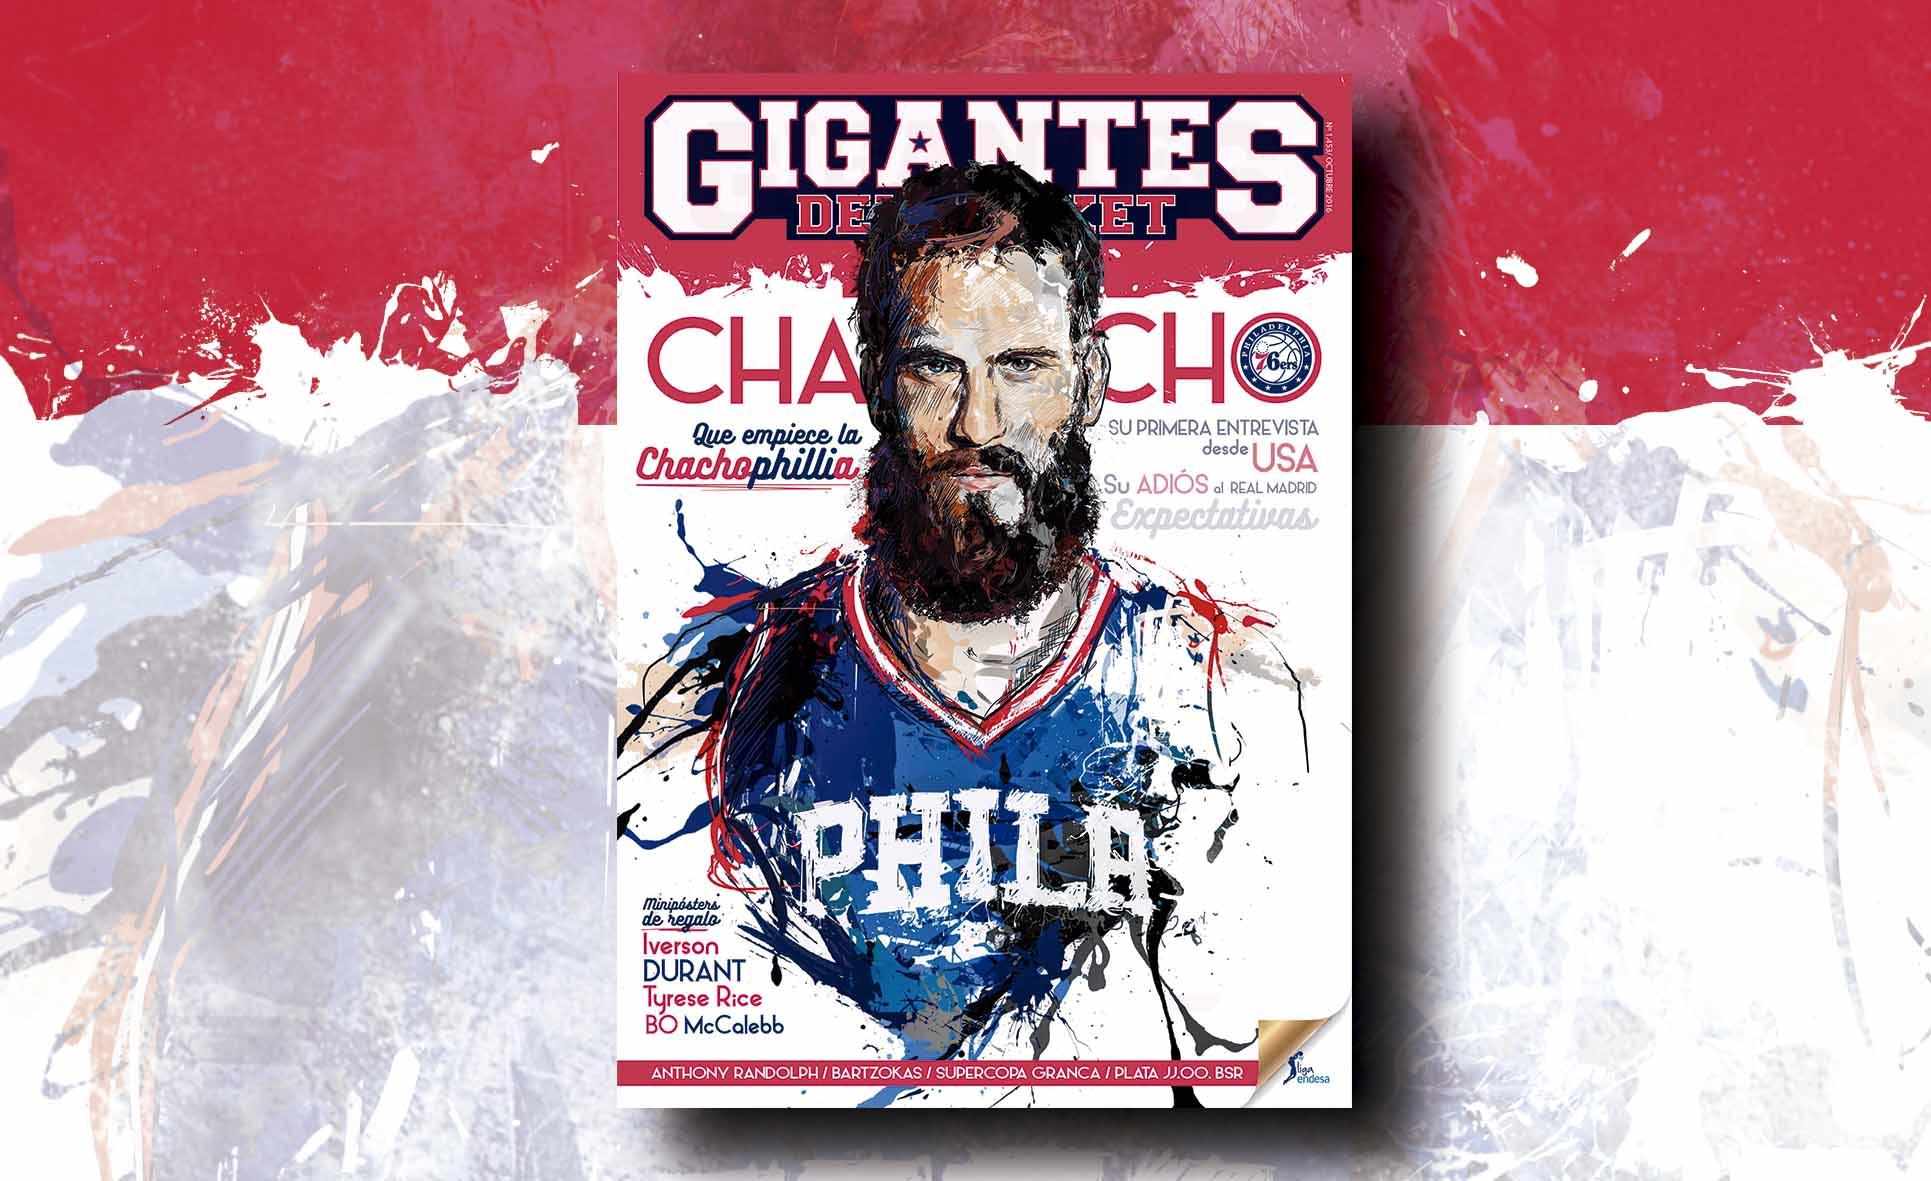 La nueva Gigantes de octubre: El Chacho vuelve a la NBA. Entrevista y análisis